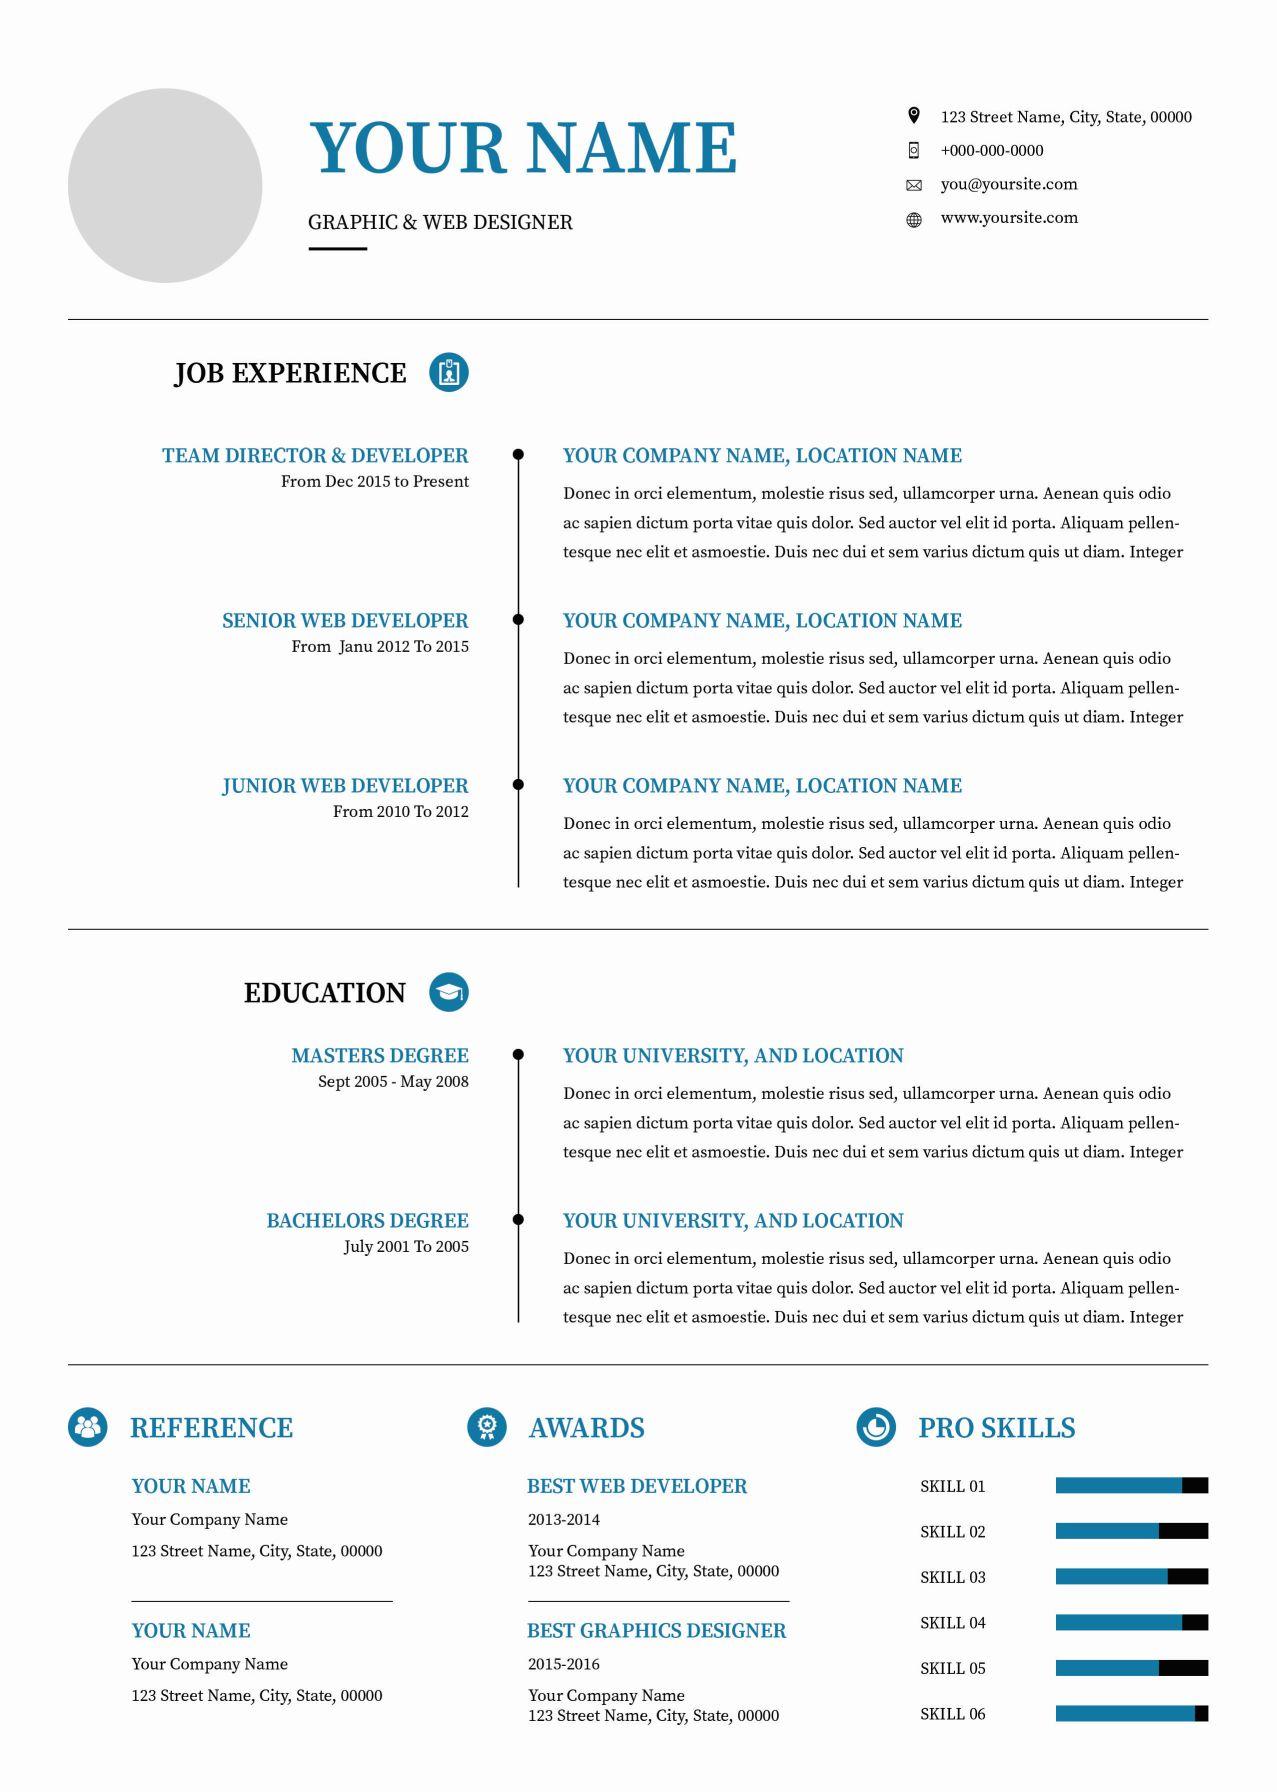 Word Vorlage erstellen, bearbeiten und speichern - Tipps ...